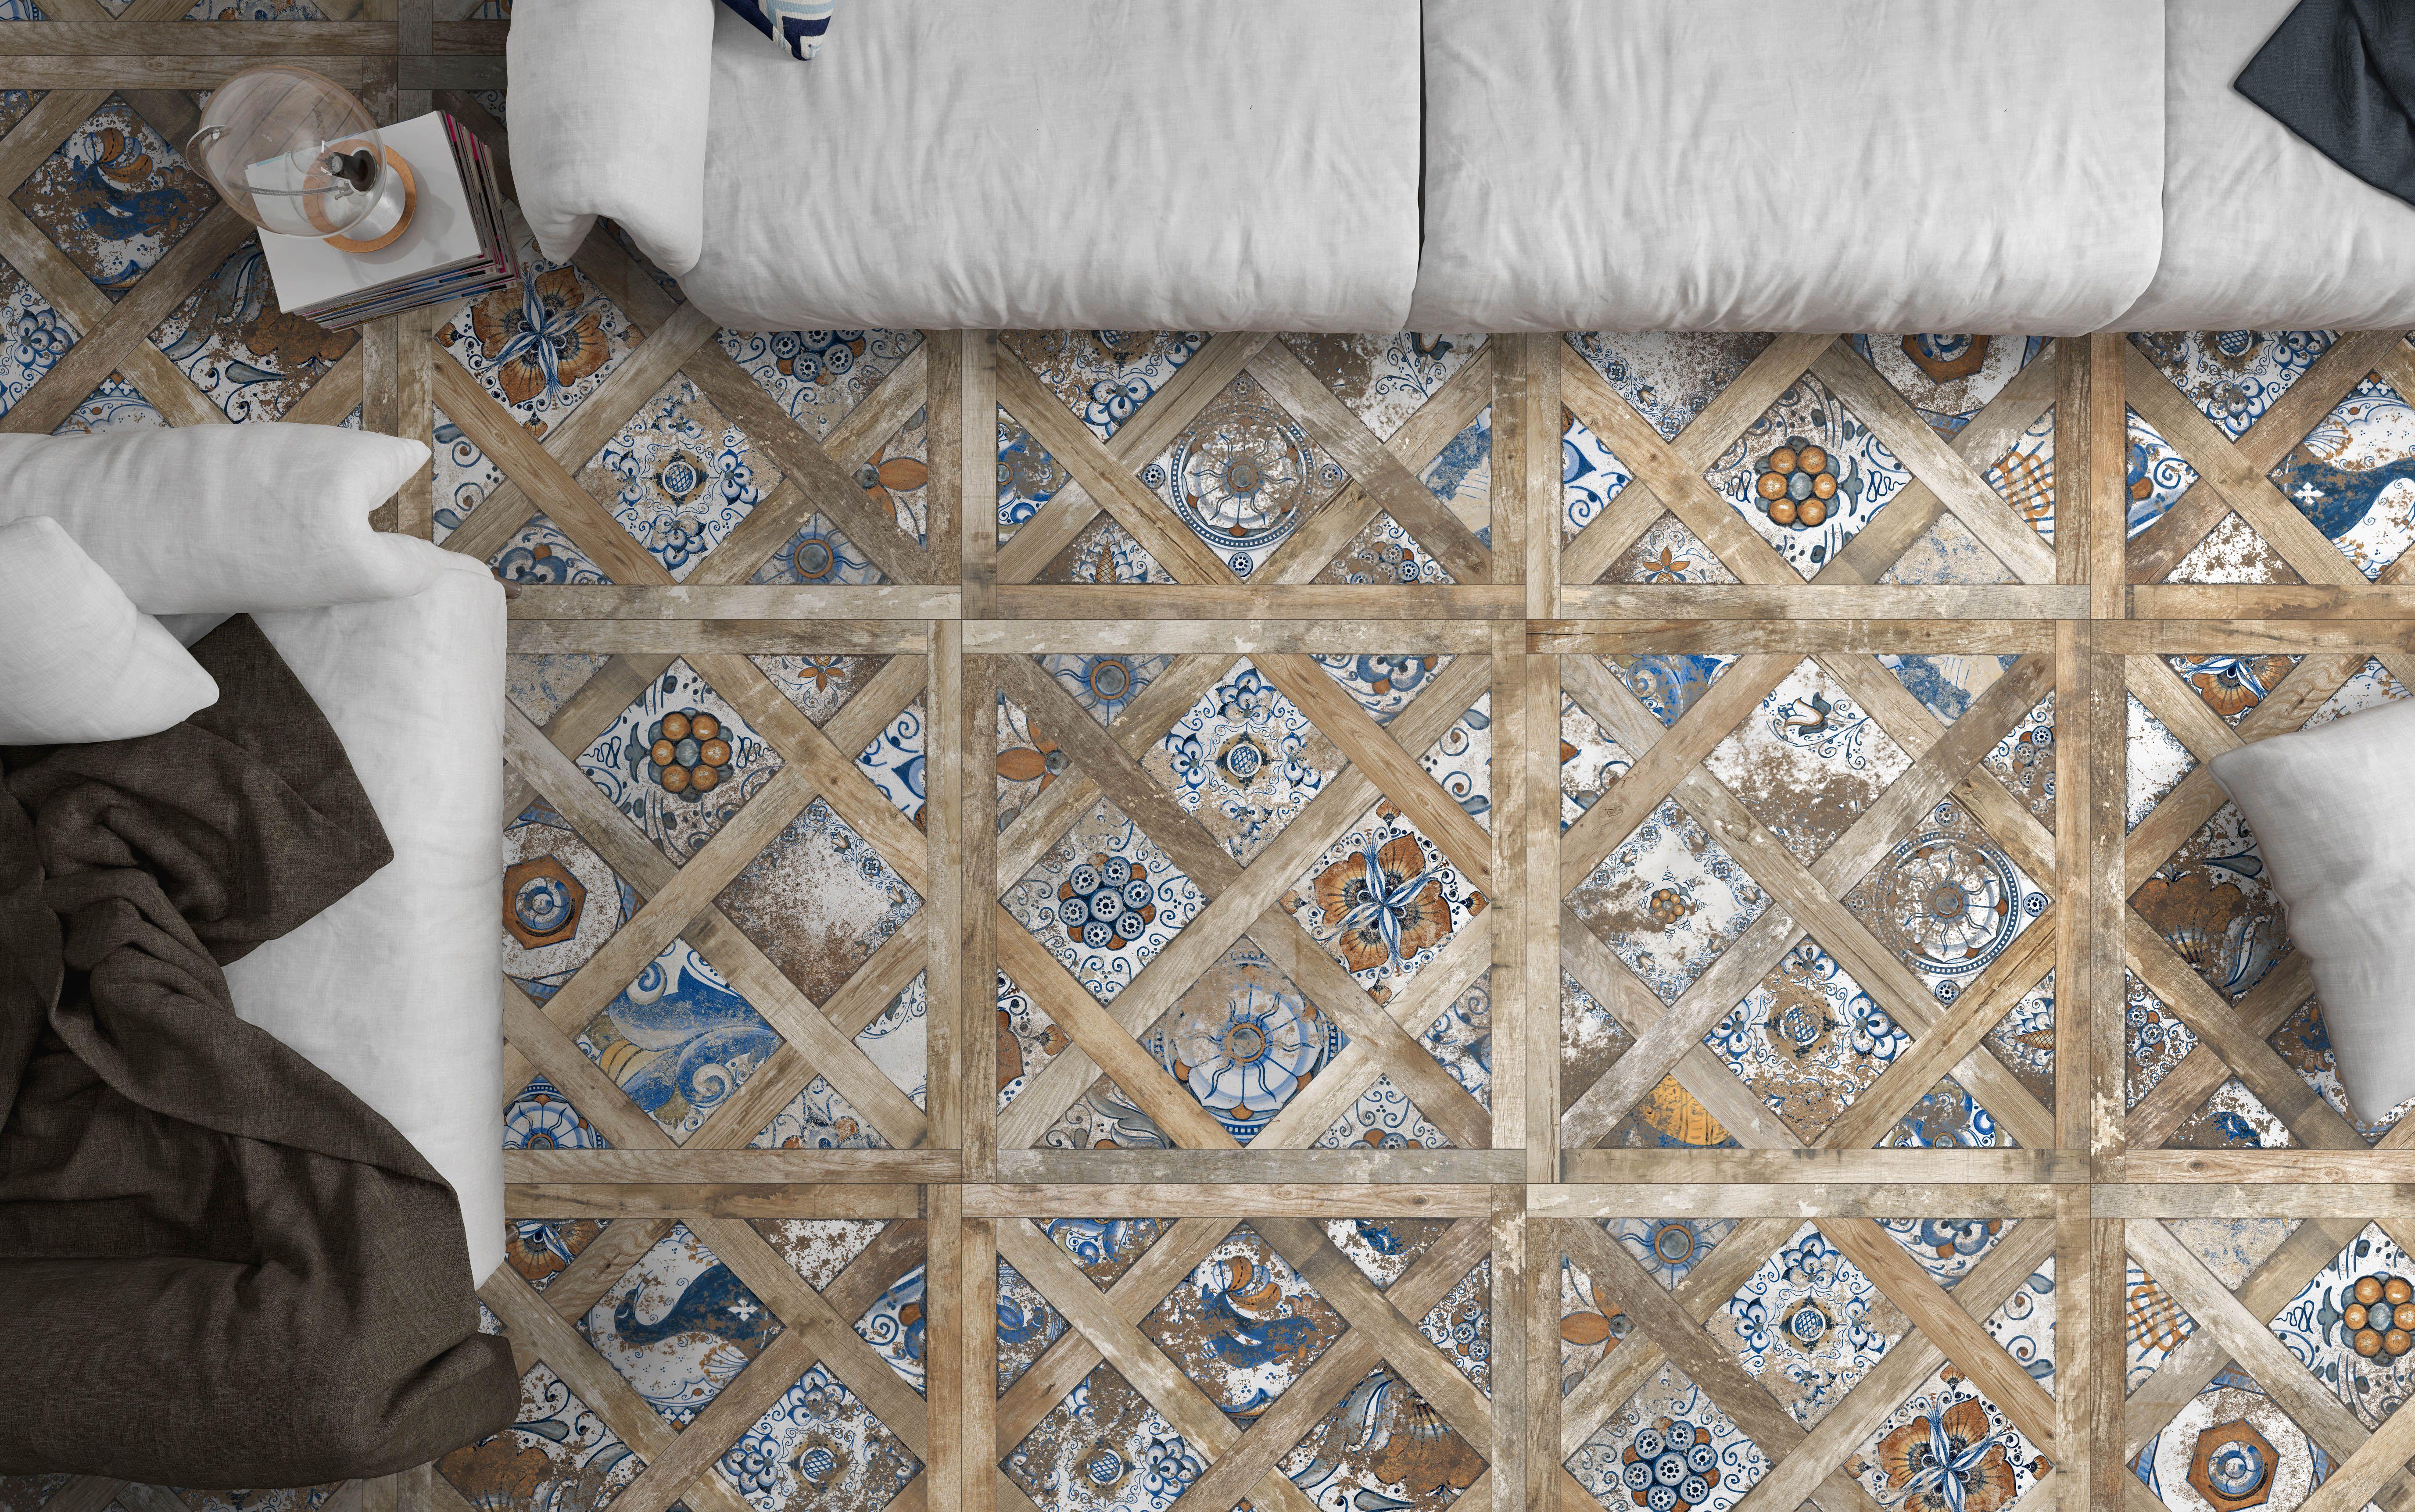 Gres porcellanato decorato per il pavimento Effetto